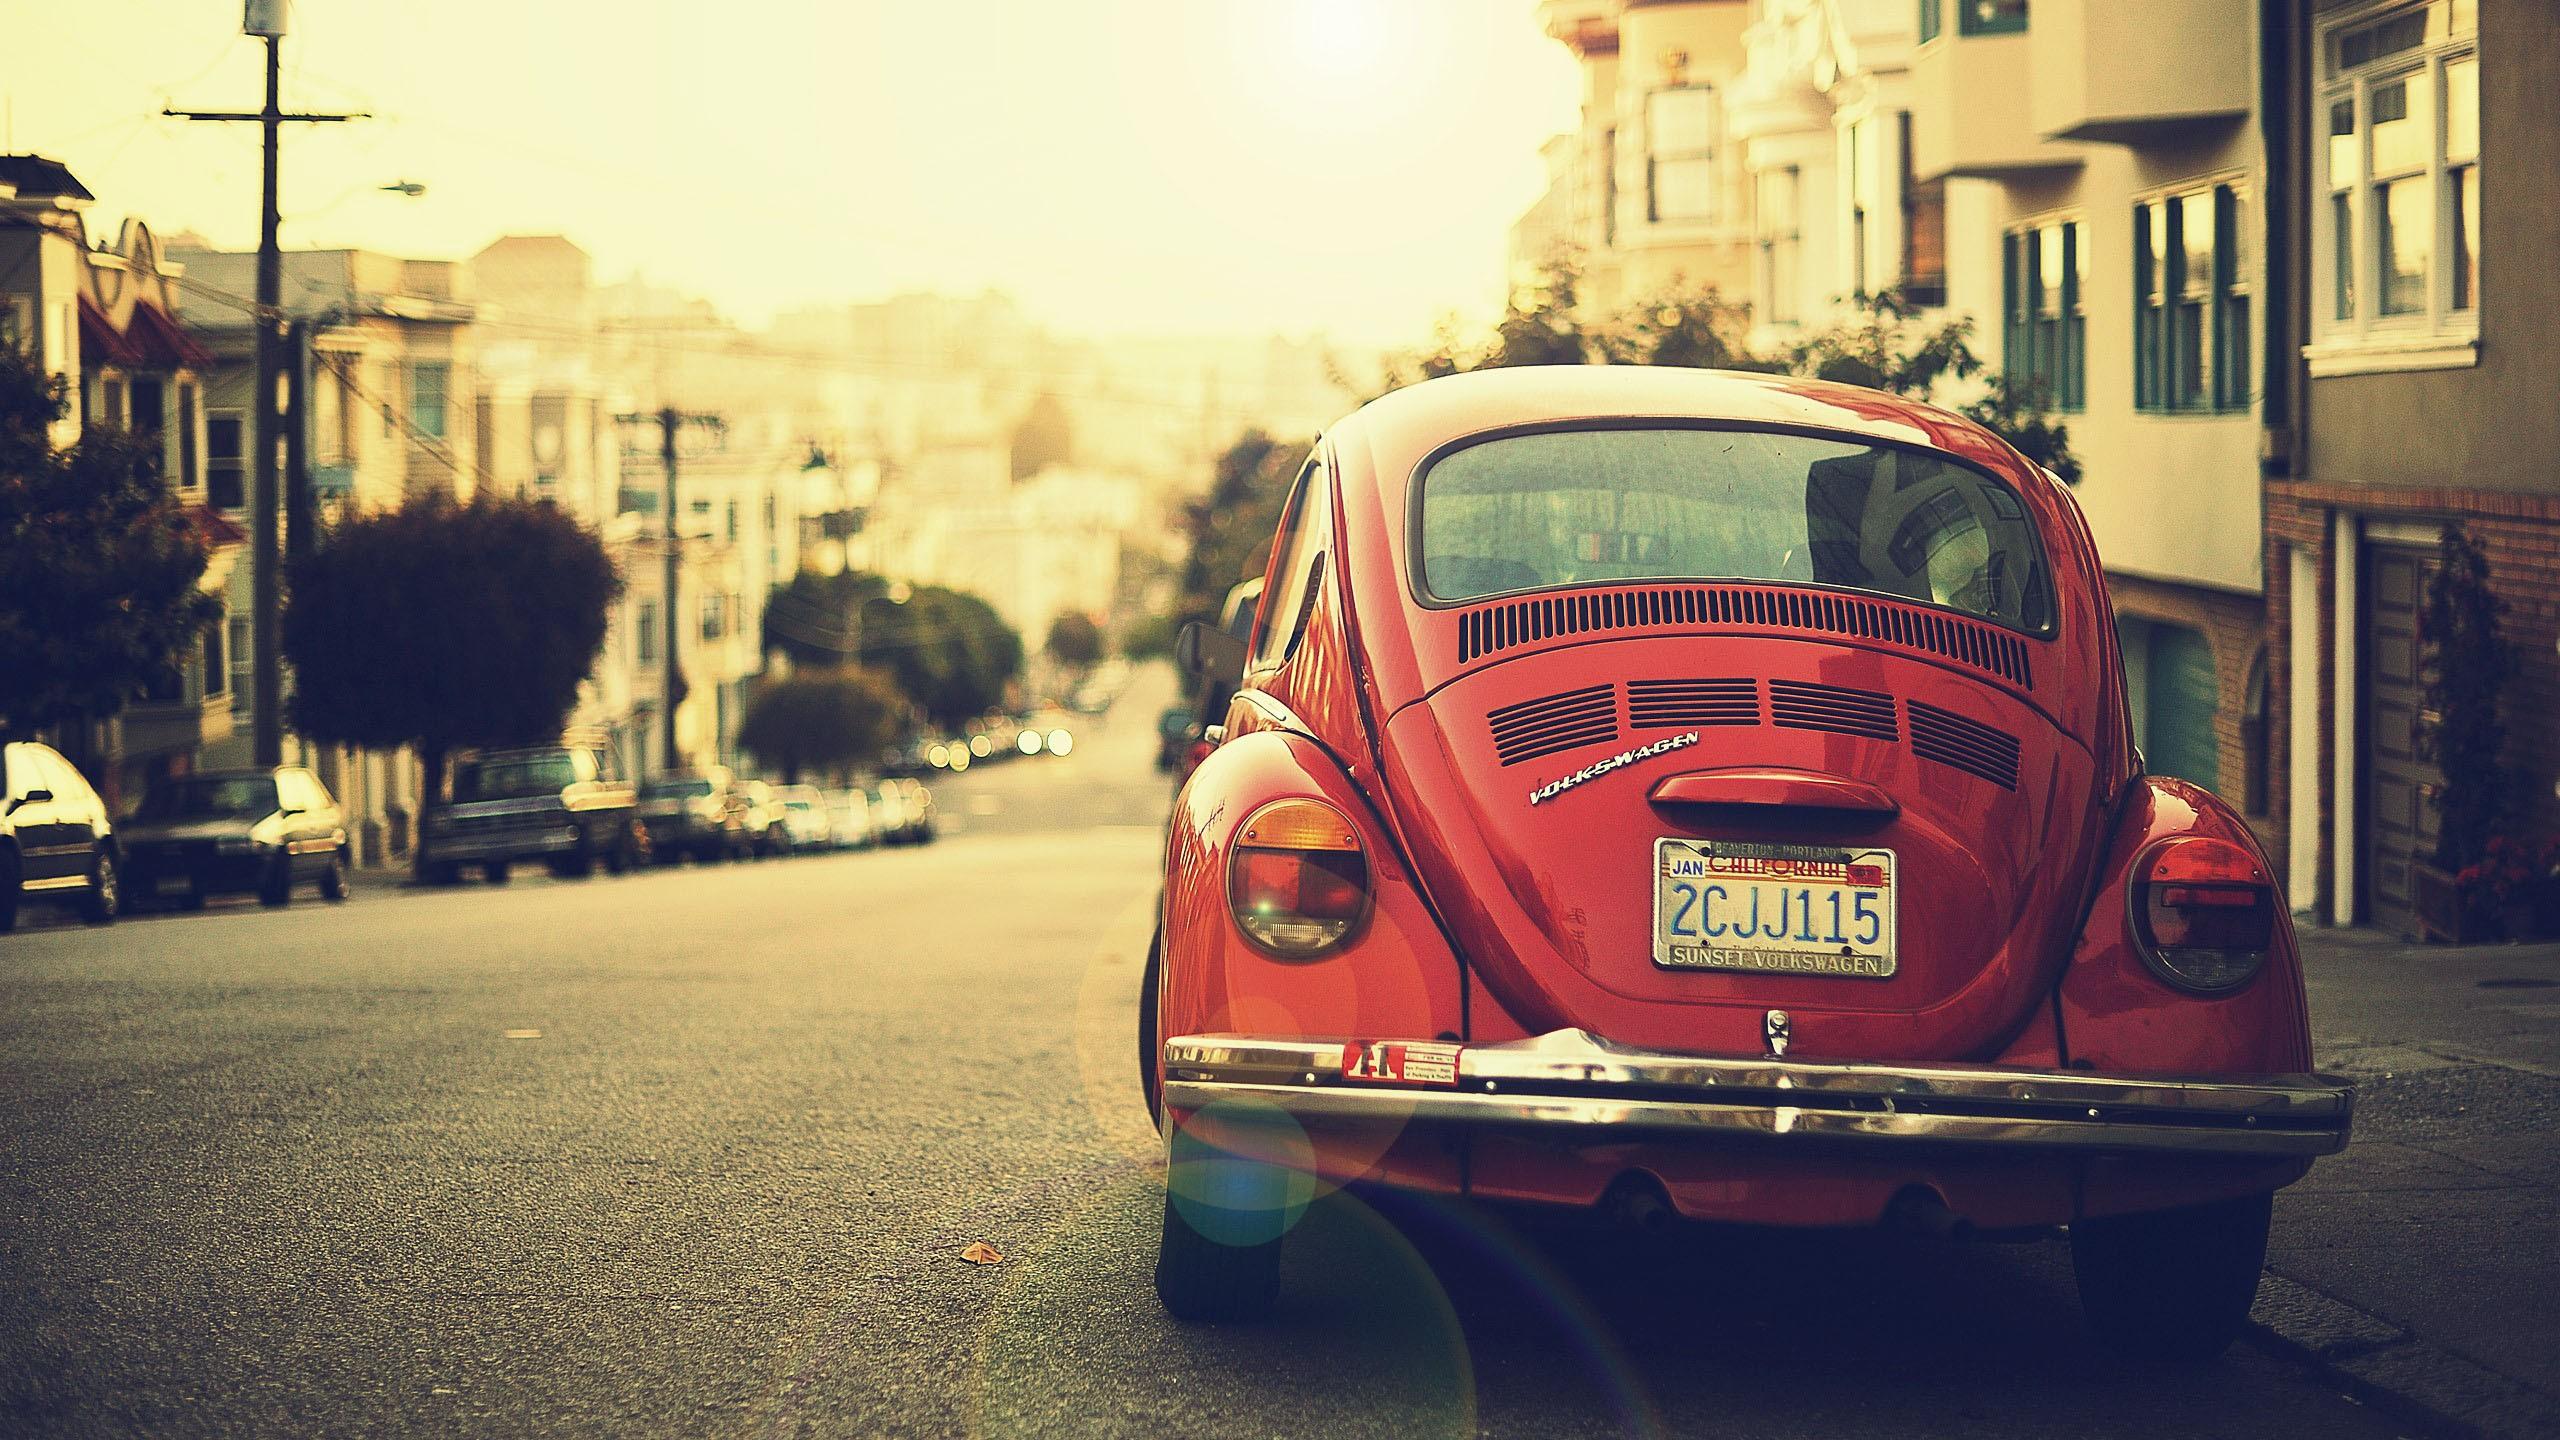 Volkswagen Beetle Vintage Photography